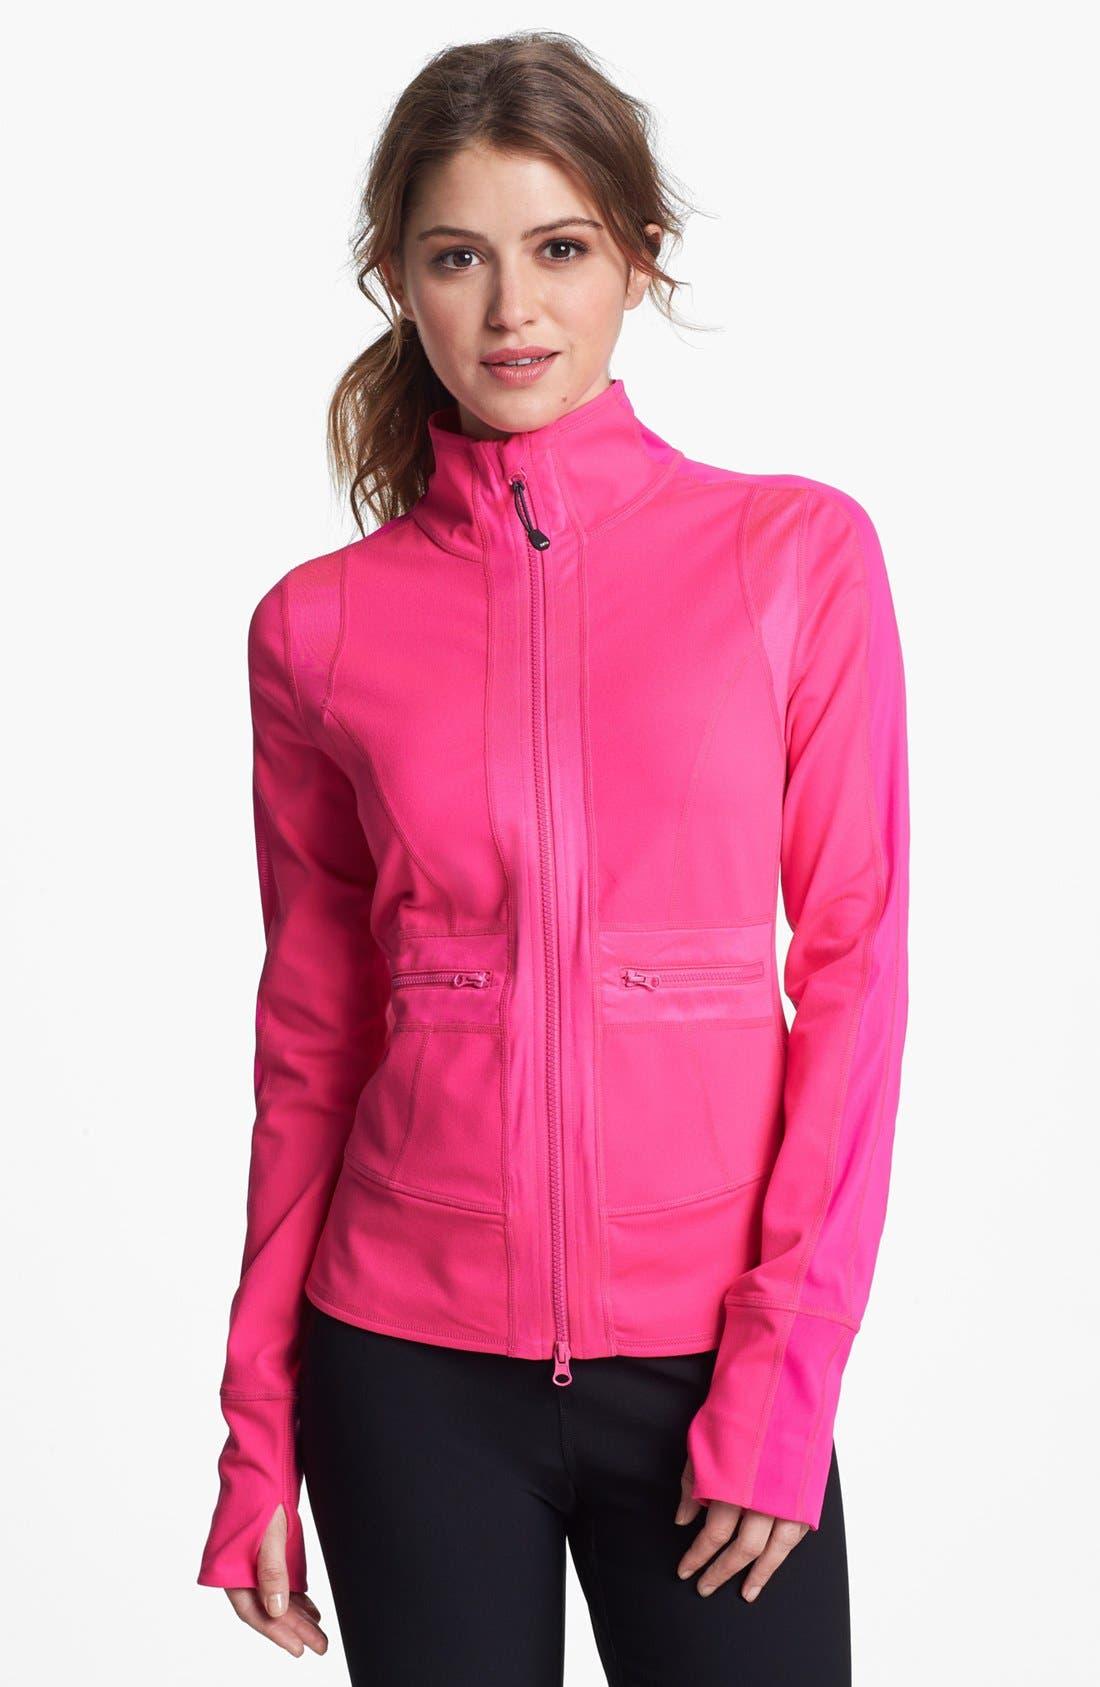 Main Image - Zella 'Multi Shine' Jacket